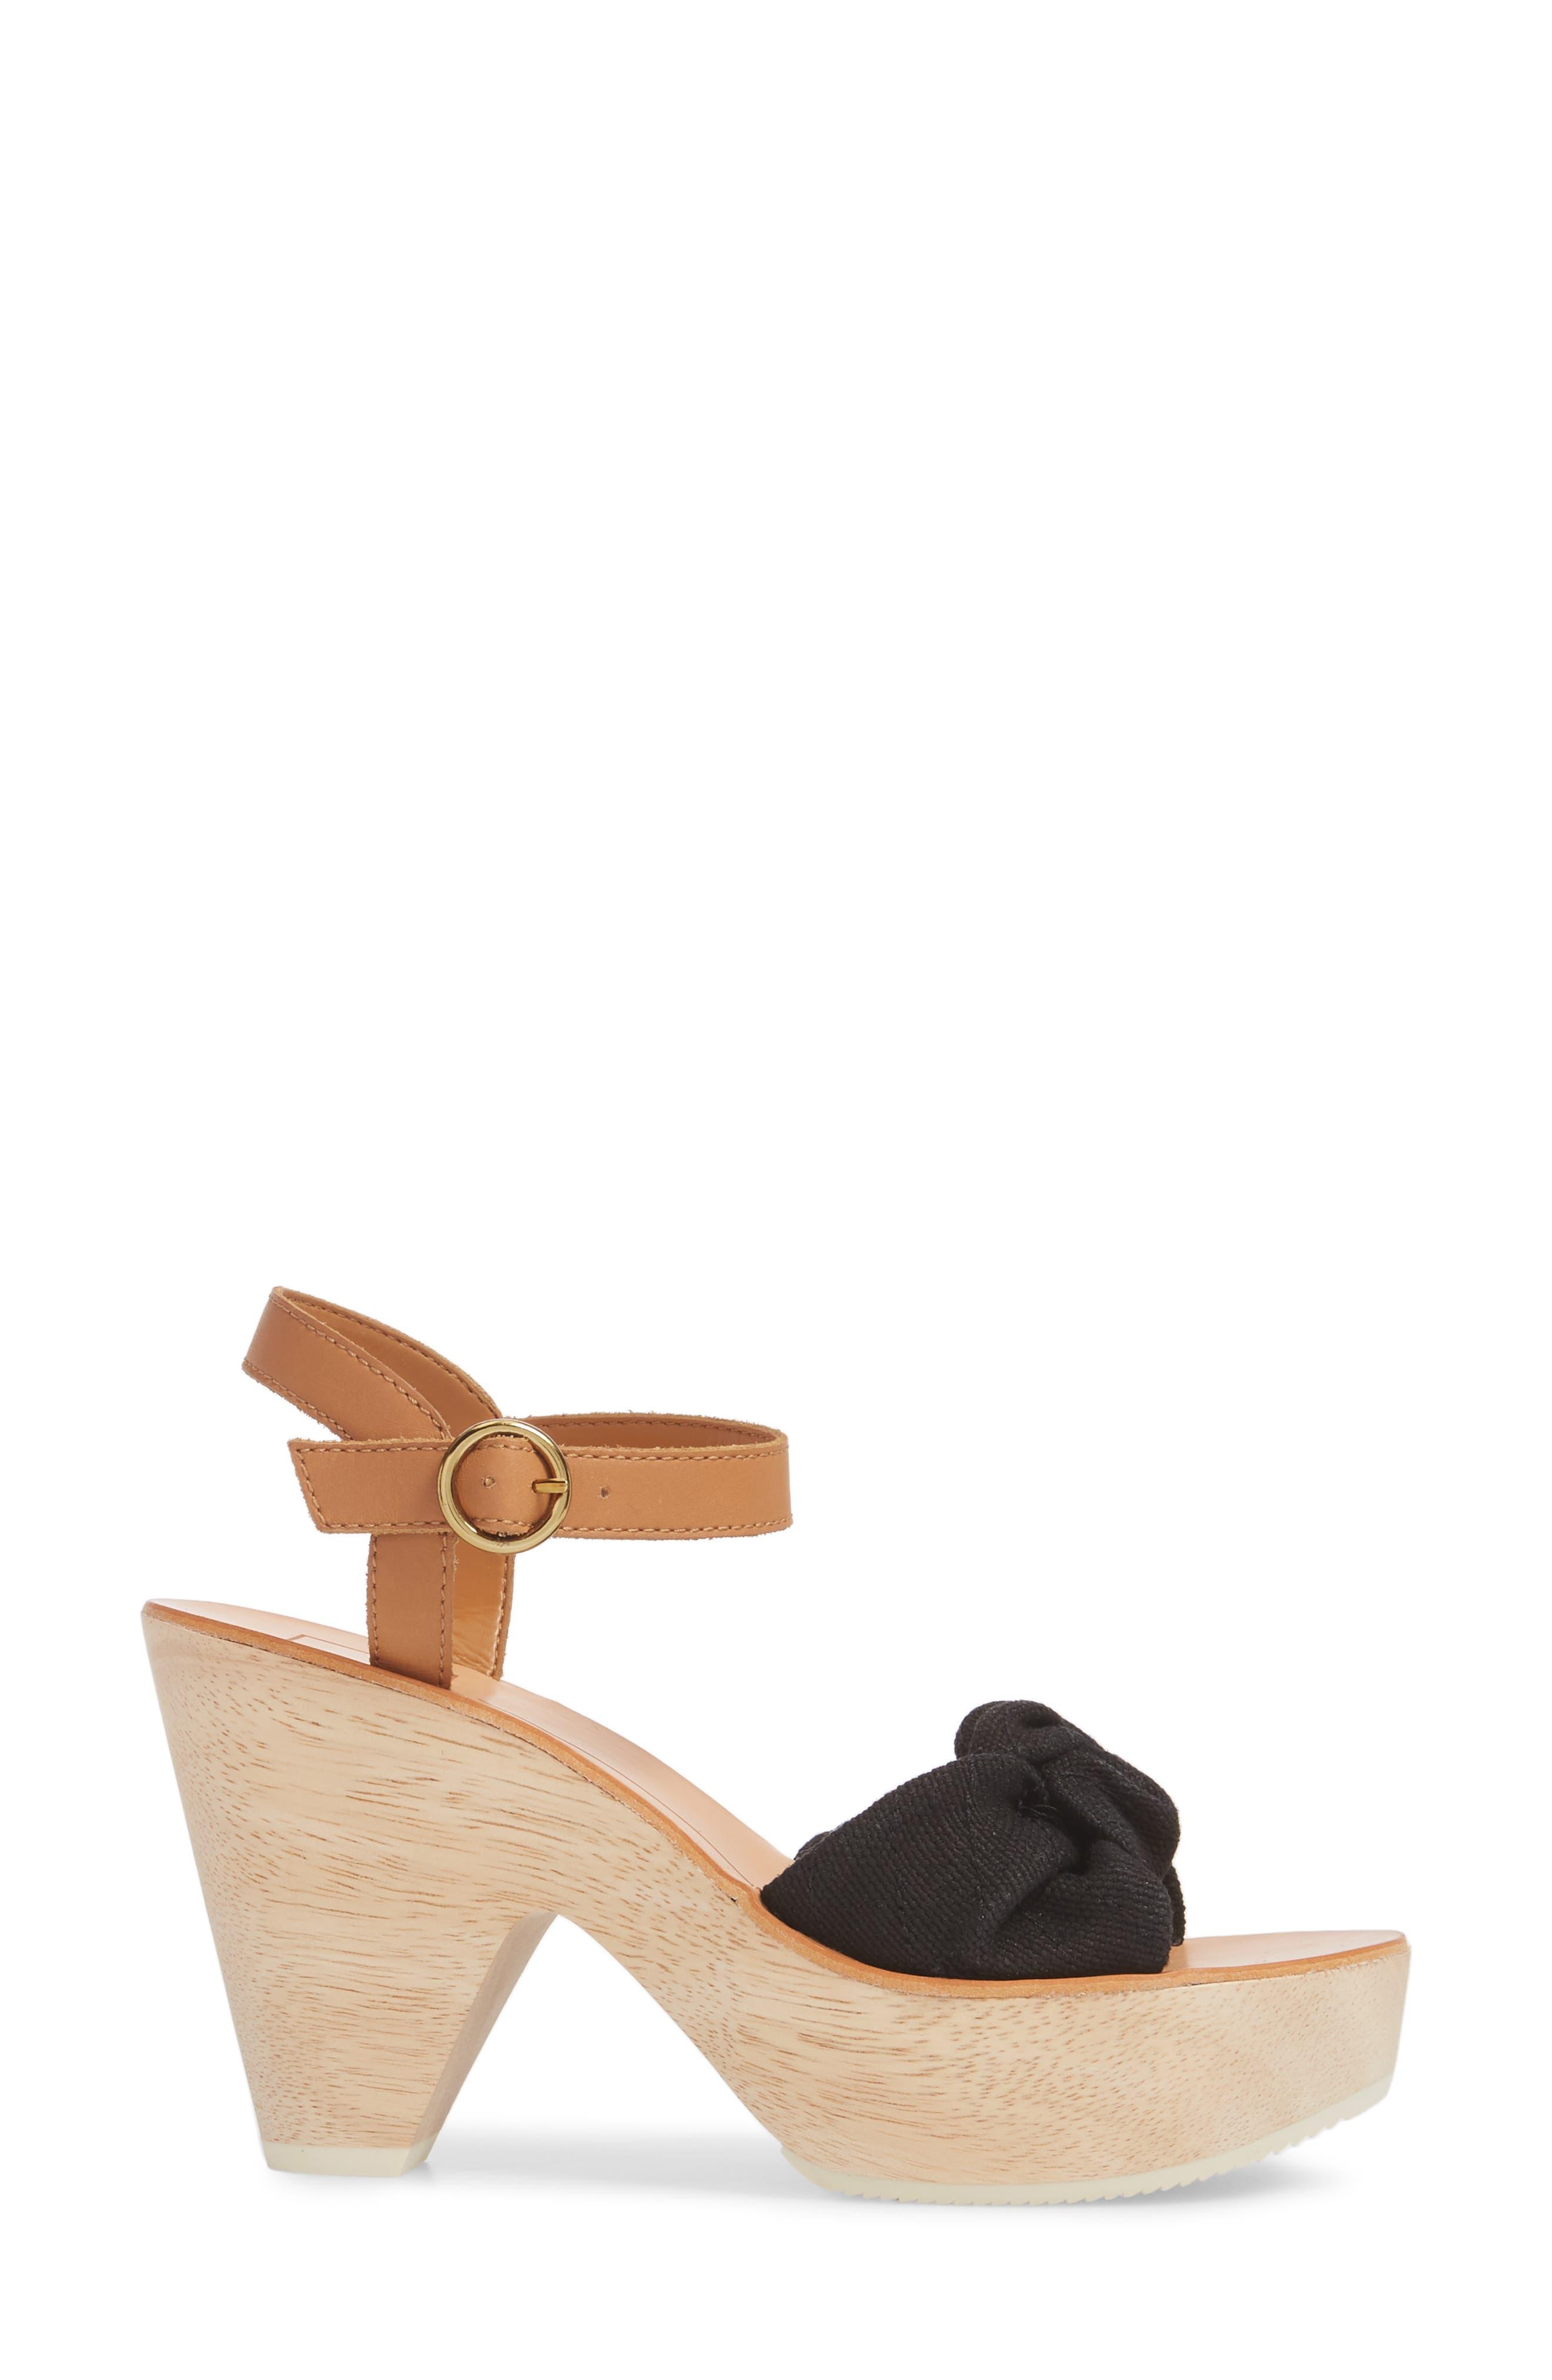 Shia Knotted Platform Sandal,                             Alternate thumbnail 3, color,                             Black Linen